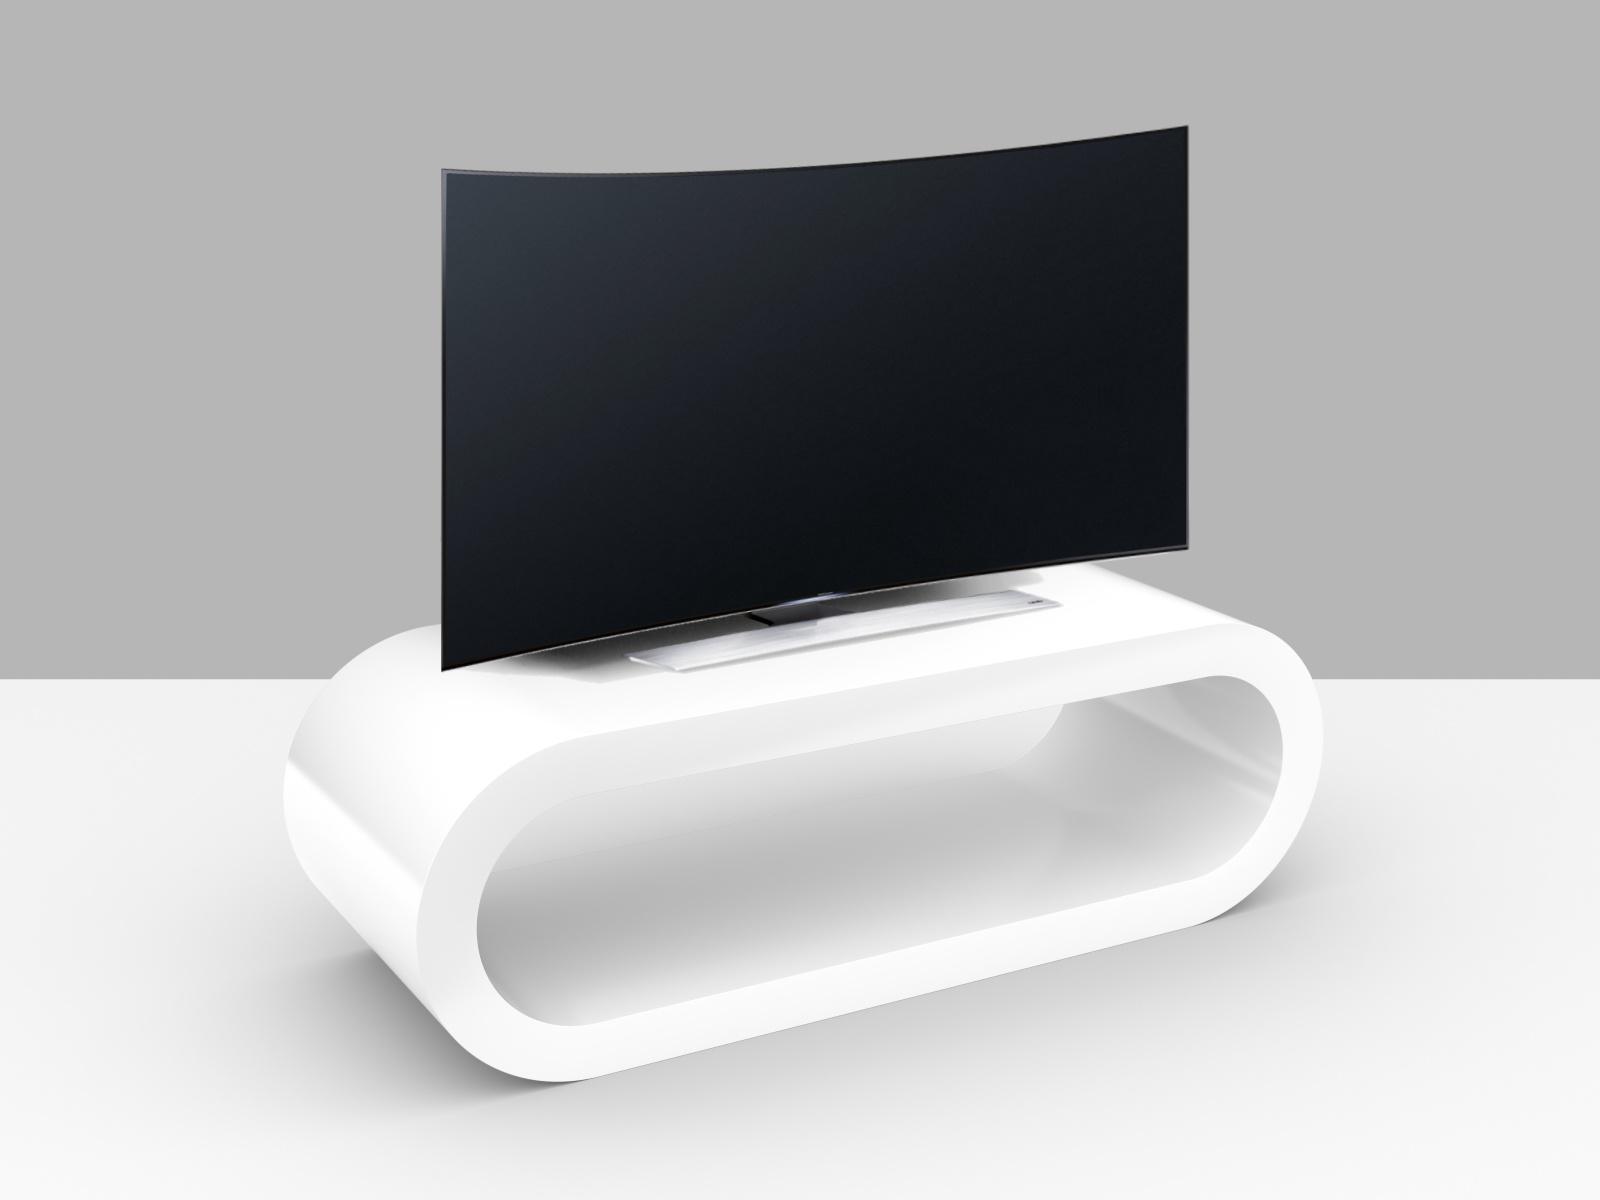 meuble tv cercle large personnalisez le